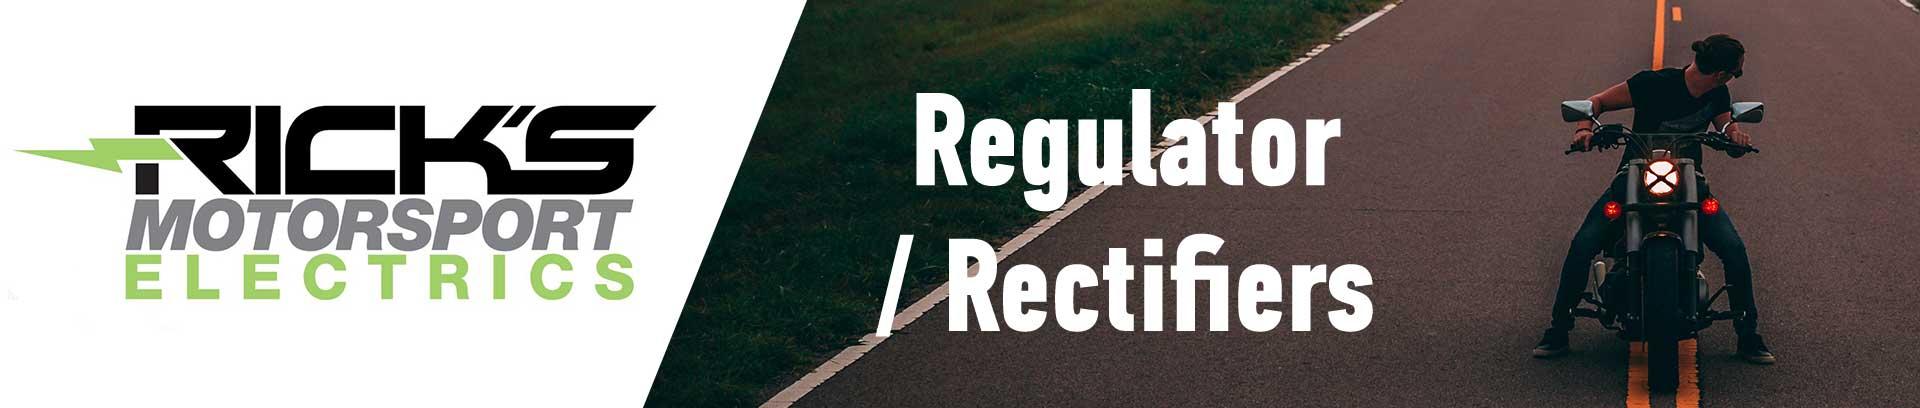 bpd-website-header-ricks-motorsport-electrics-3.jpg